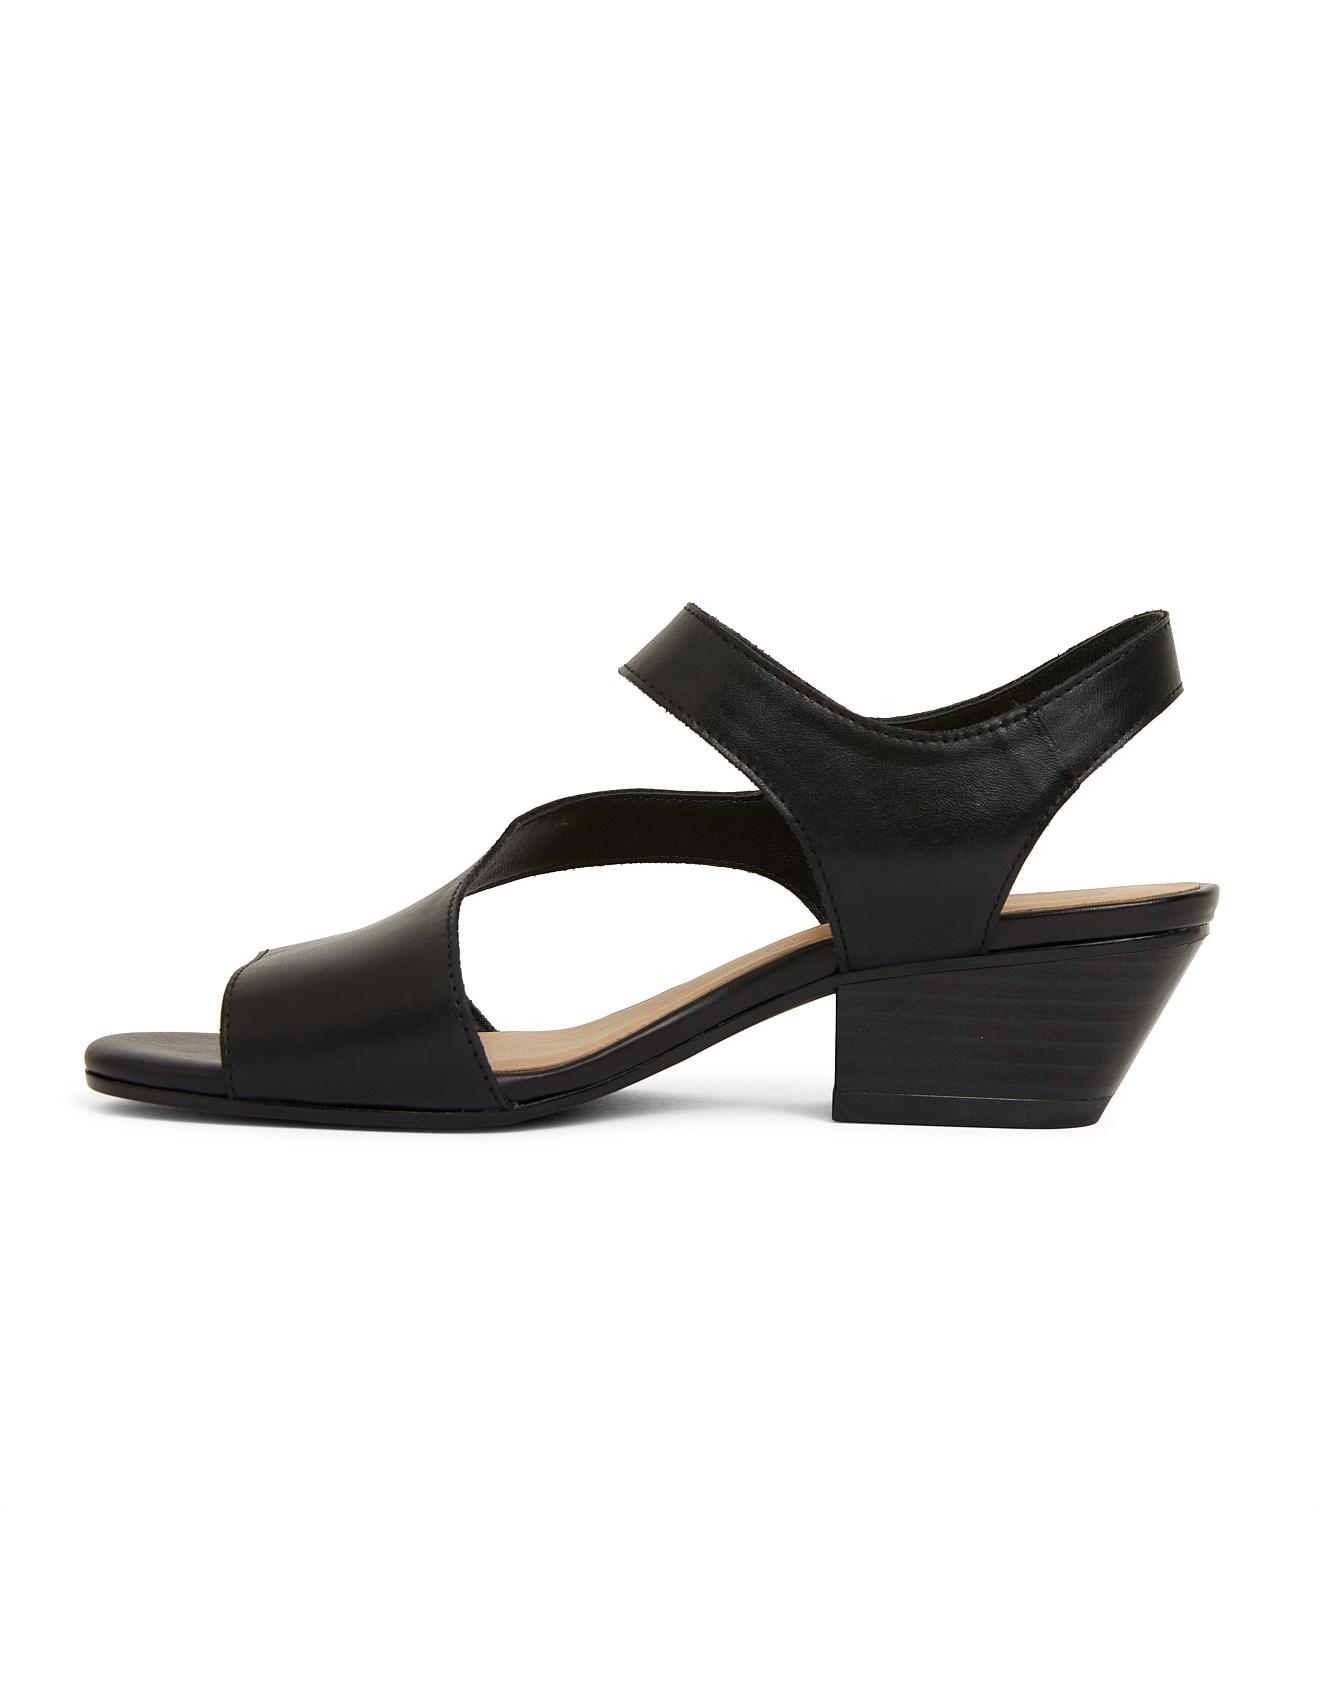 Shoes - Venice Sandal